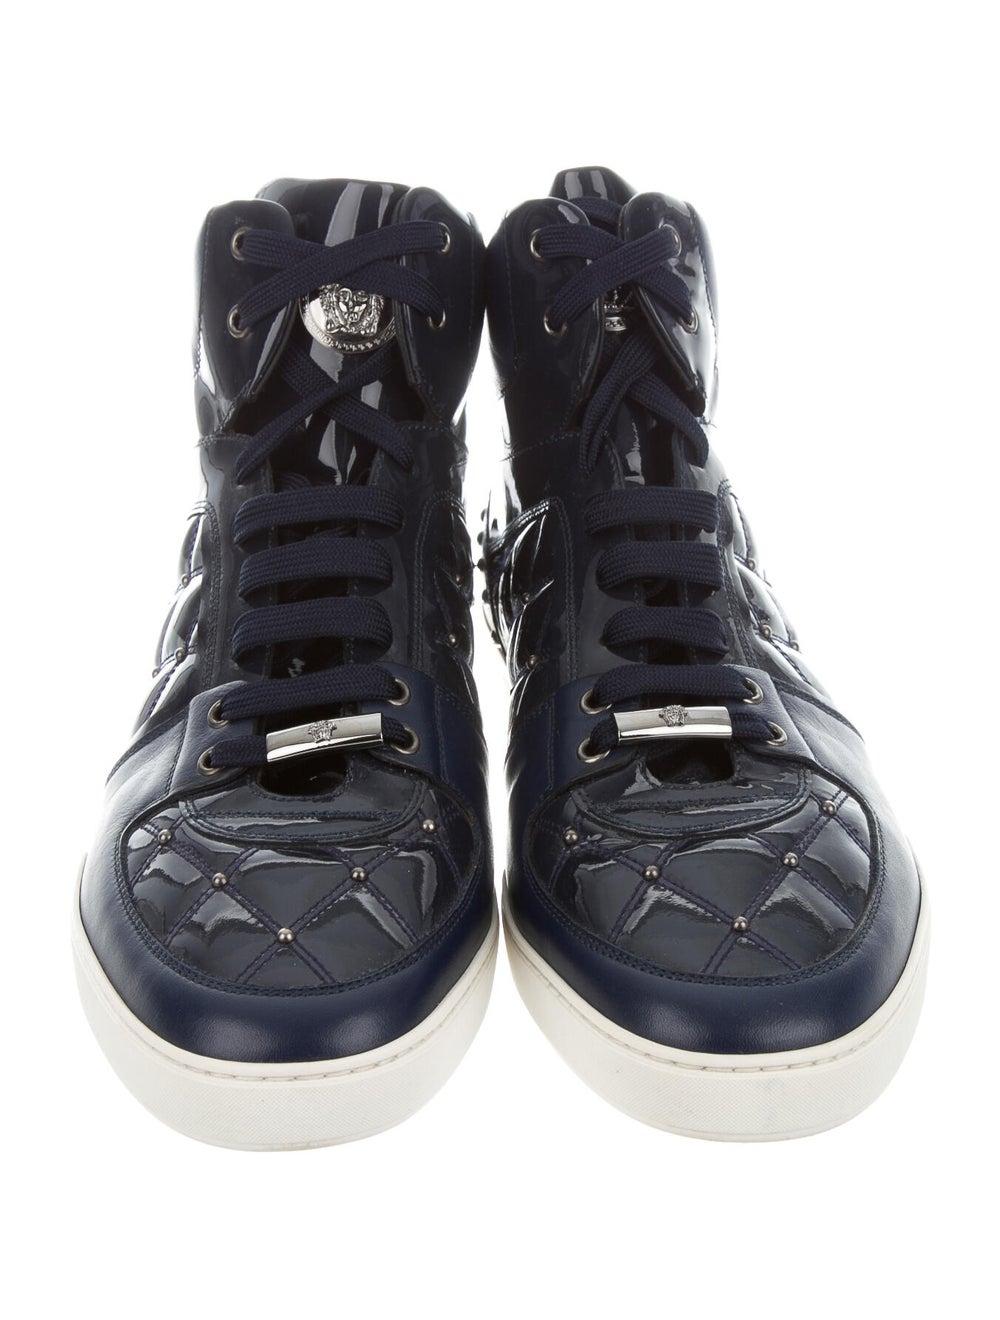 Versace Sneakers Blue - image 3